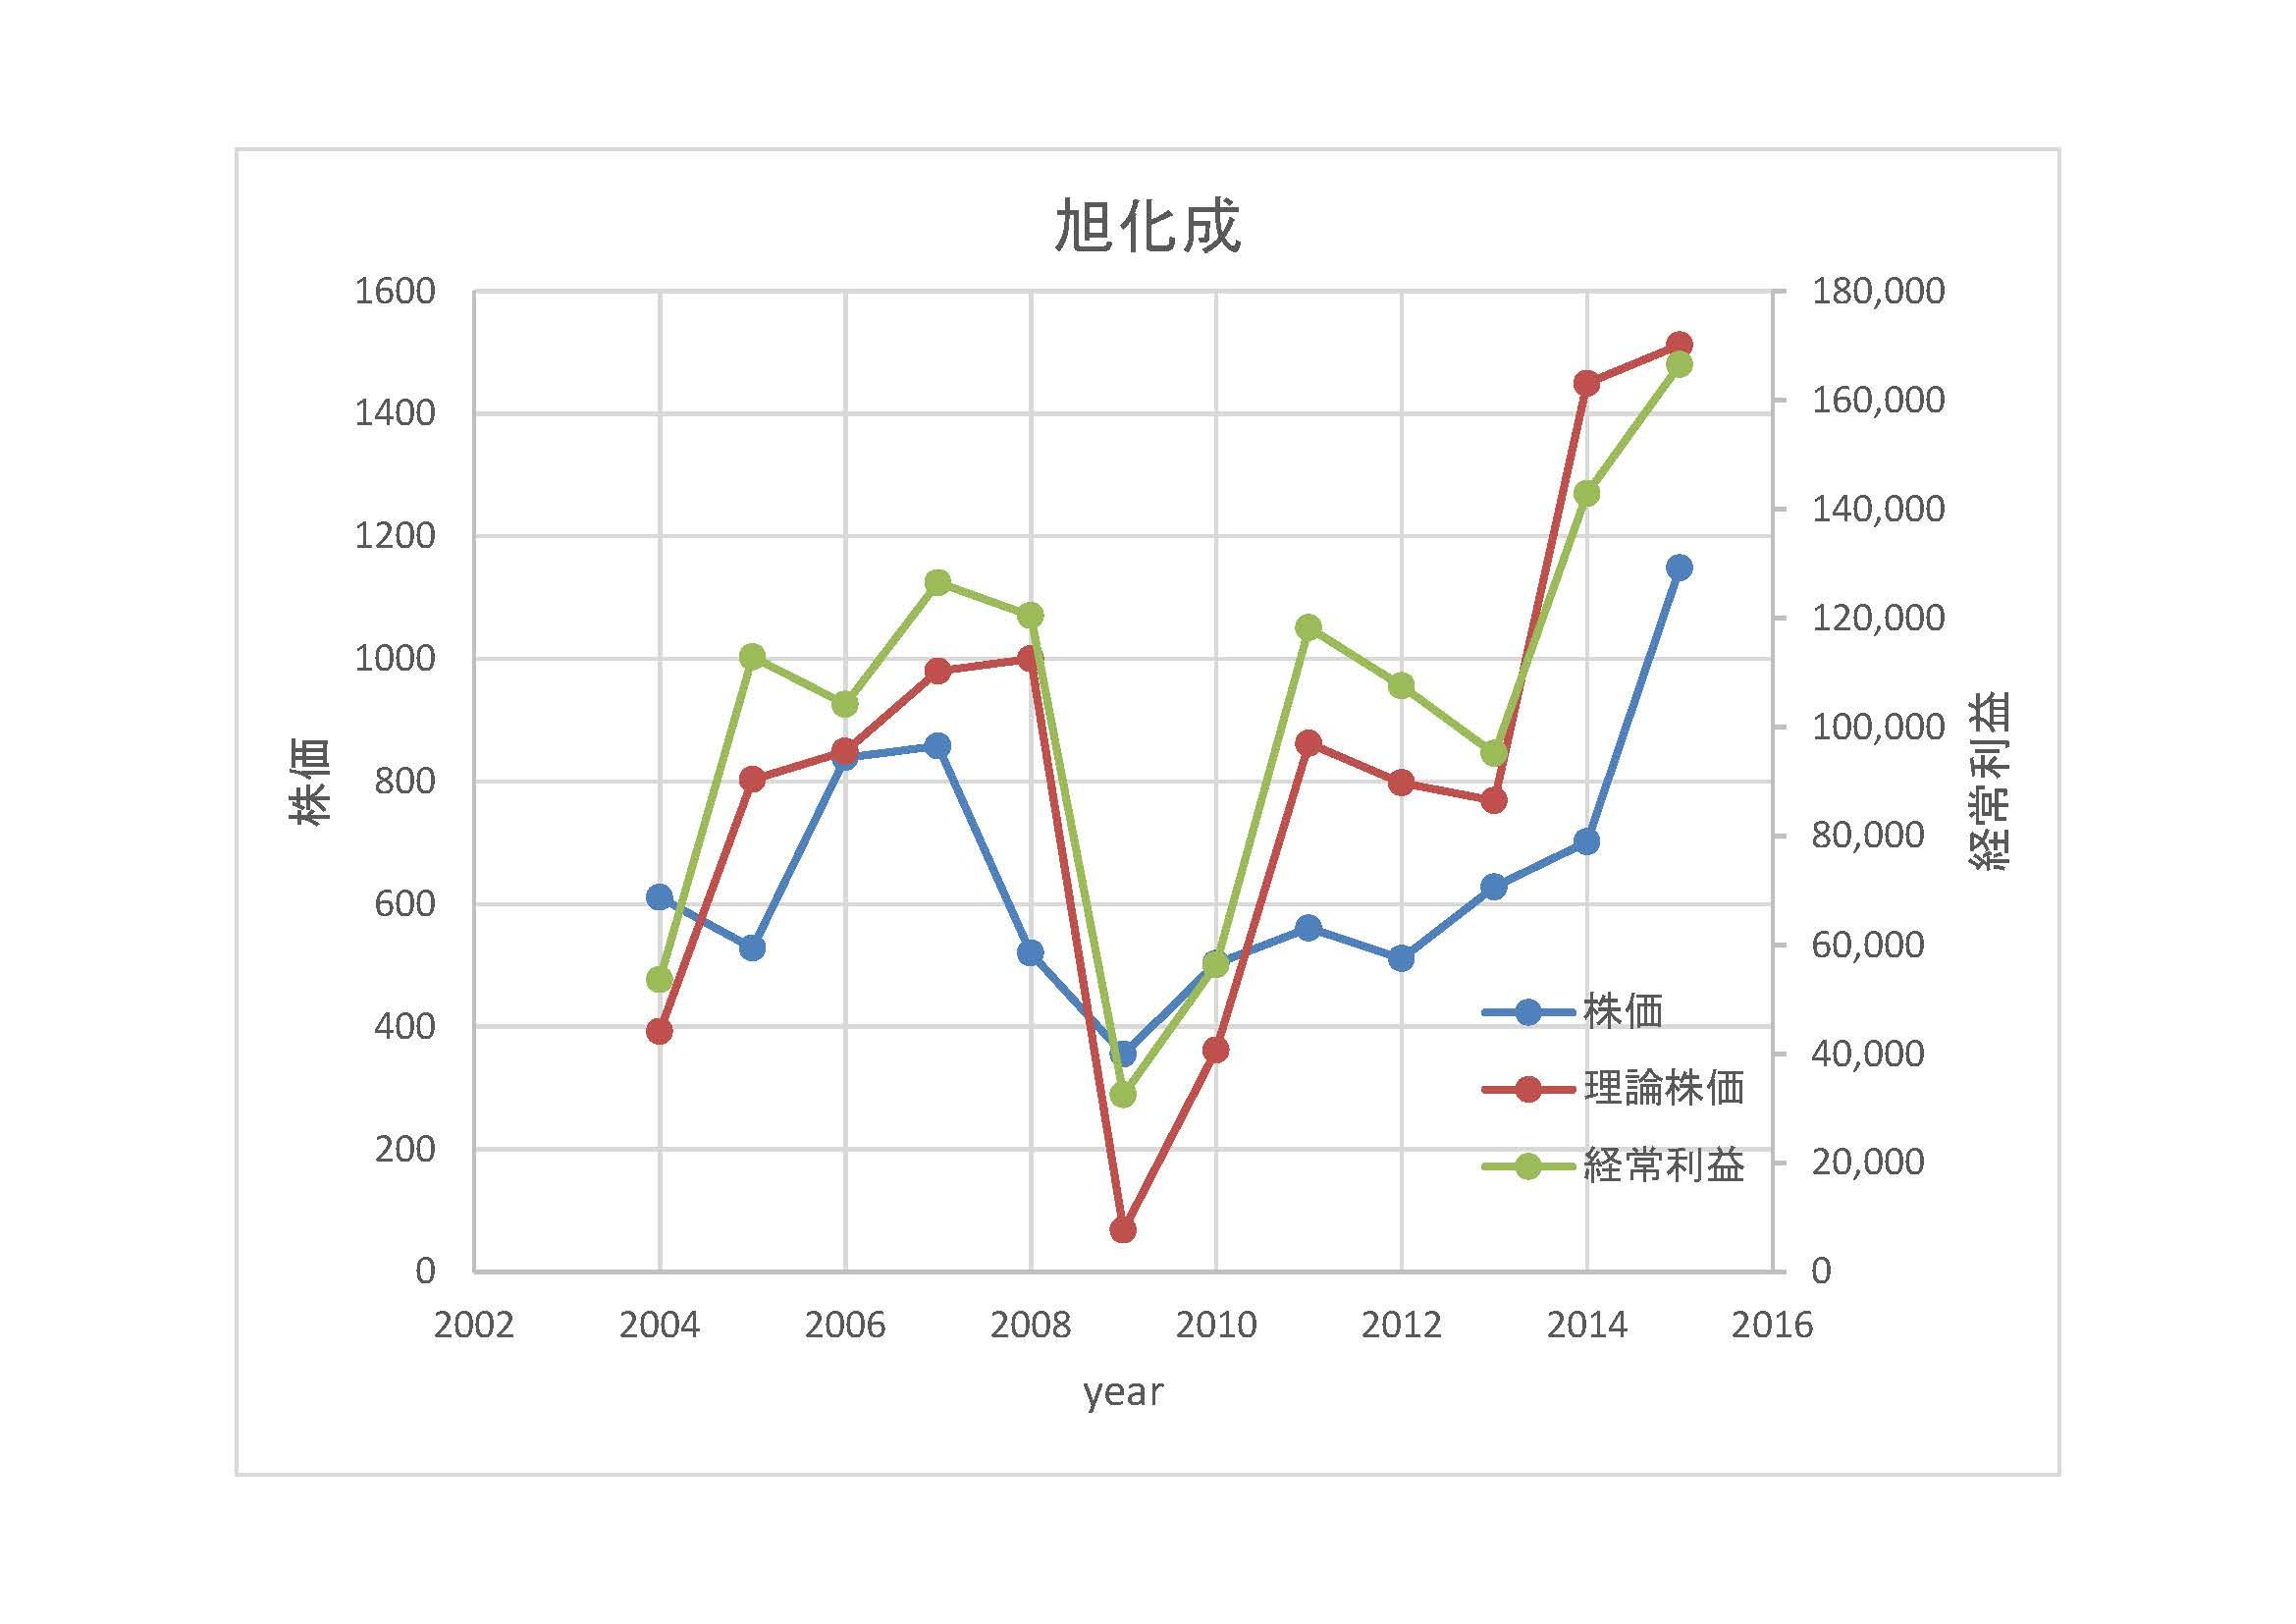 旭化成-理論株価